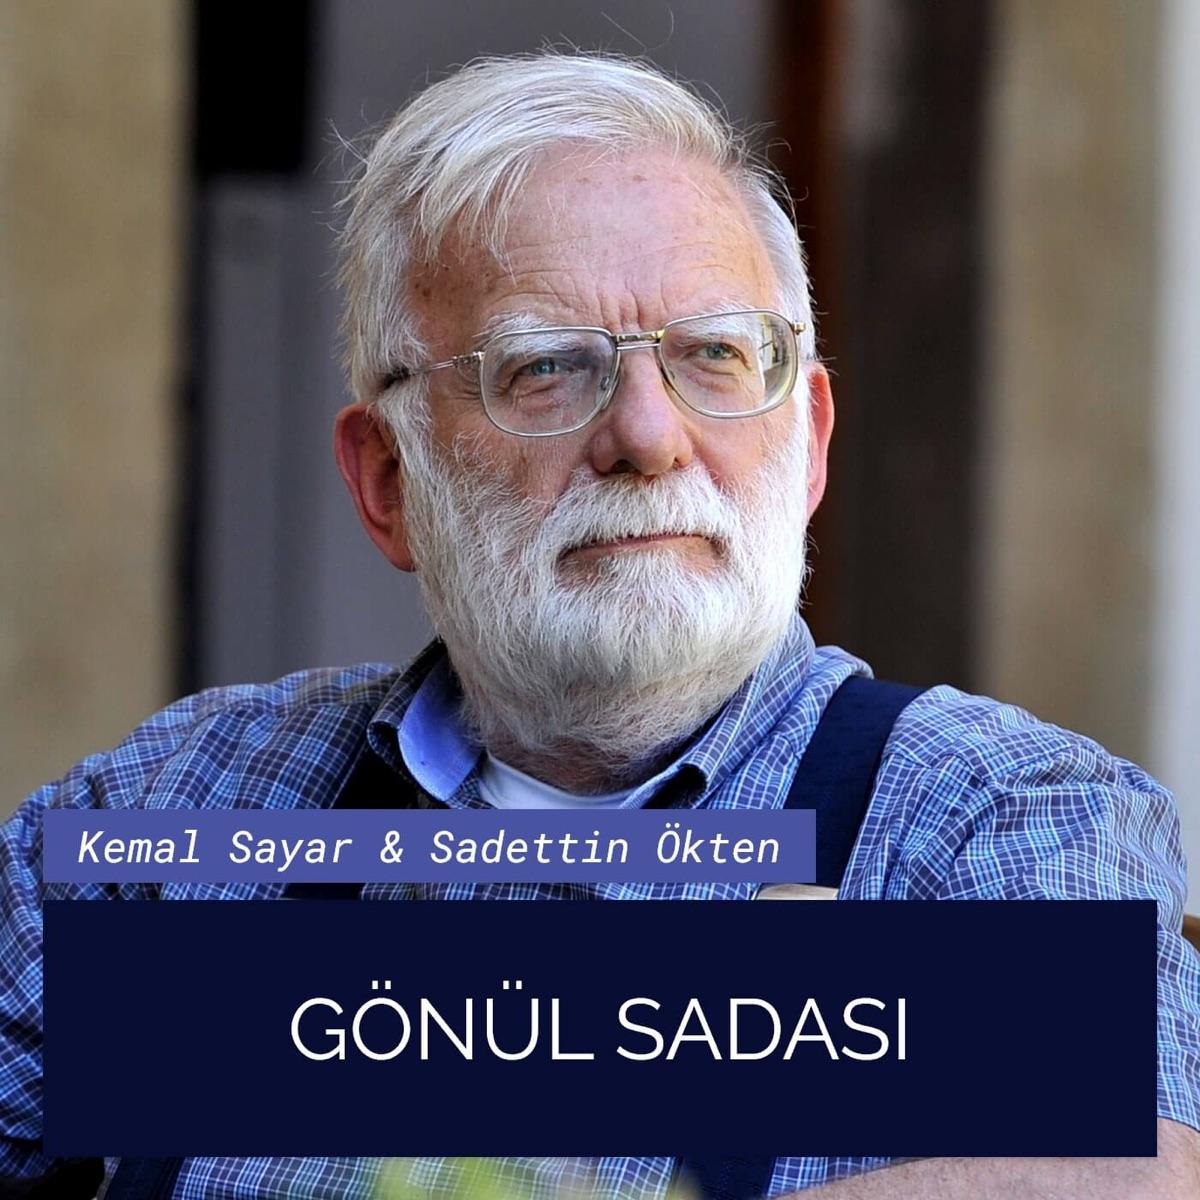 #048 Gönül Sadası (Aile) — Kemal Sayar & Sadettin Ökten